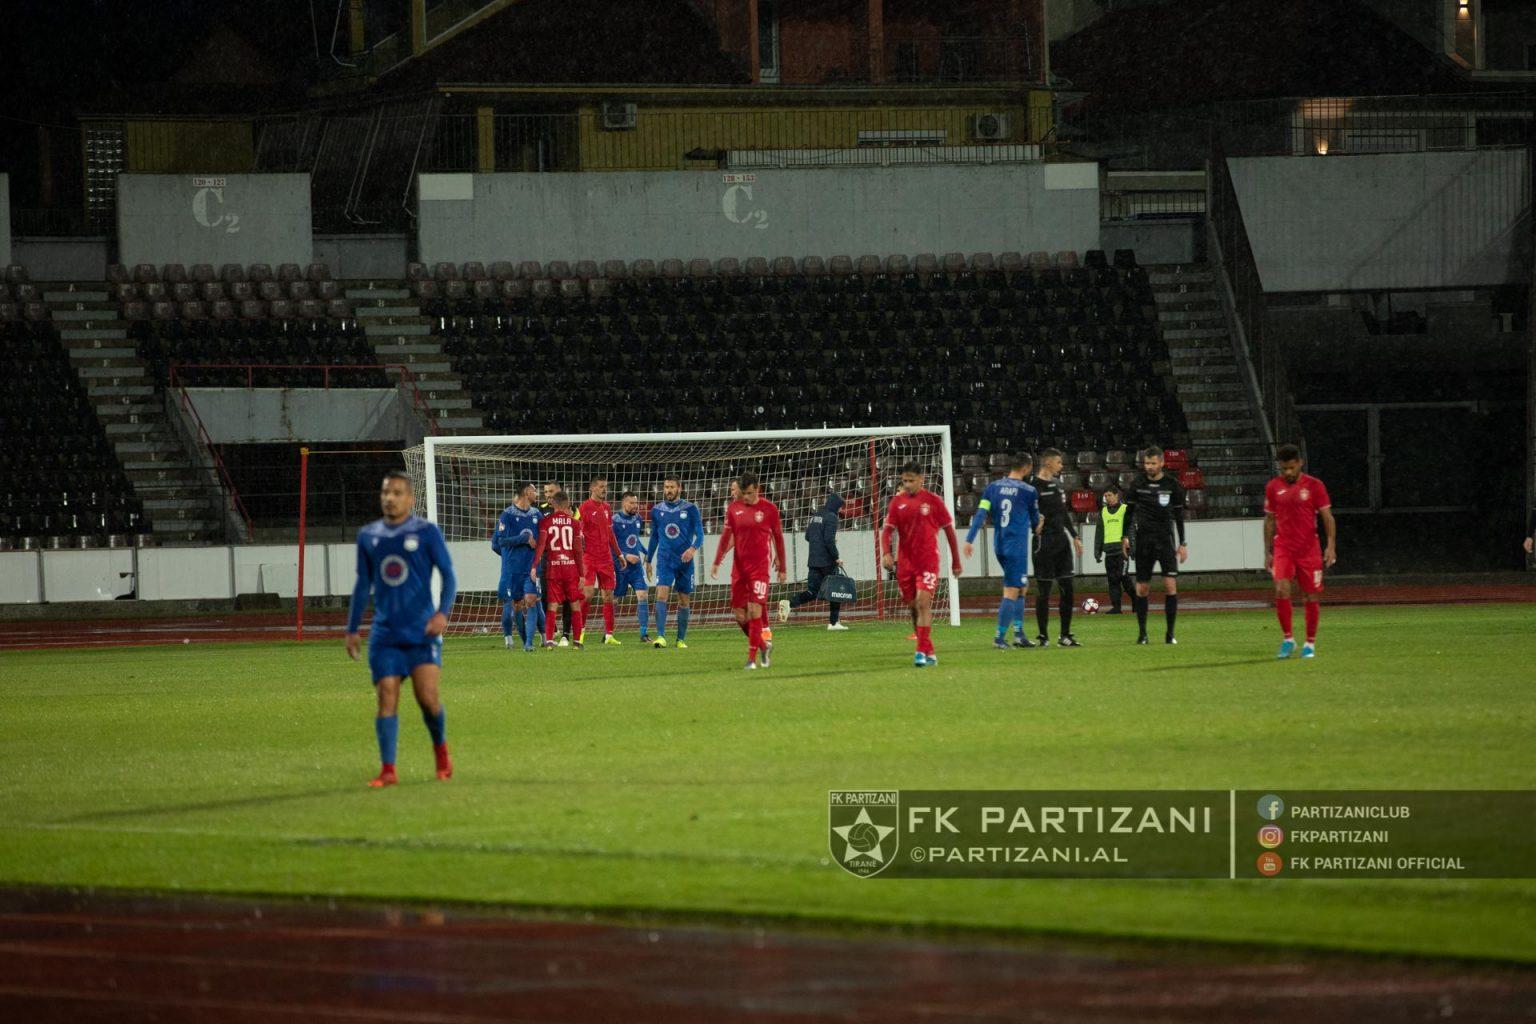 Ndeshja-Partizani-Teuta